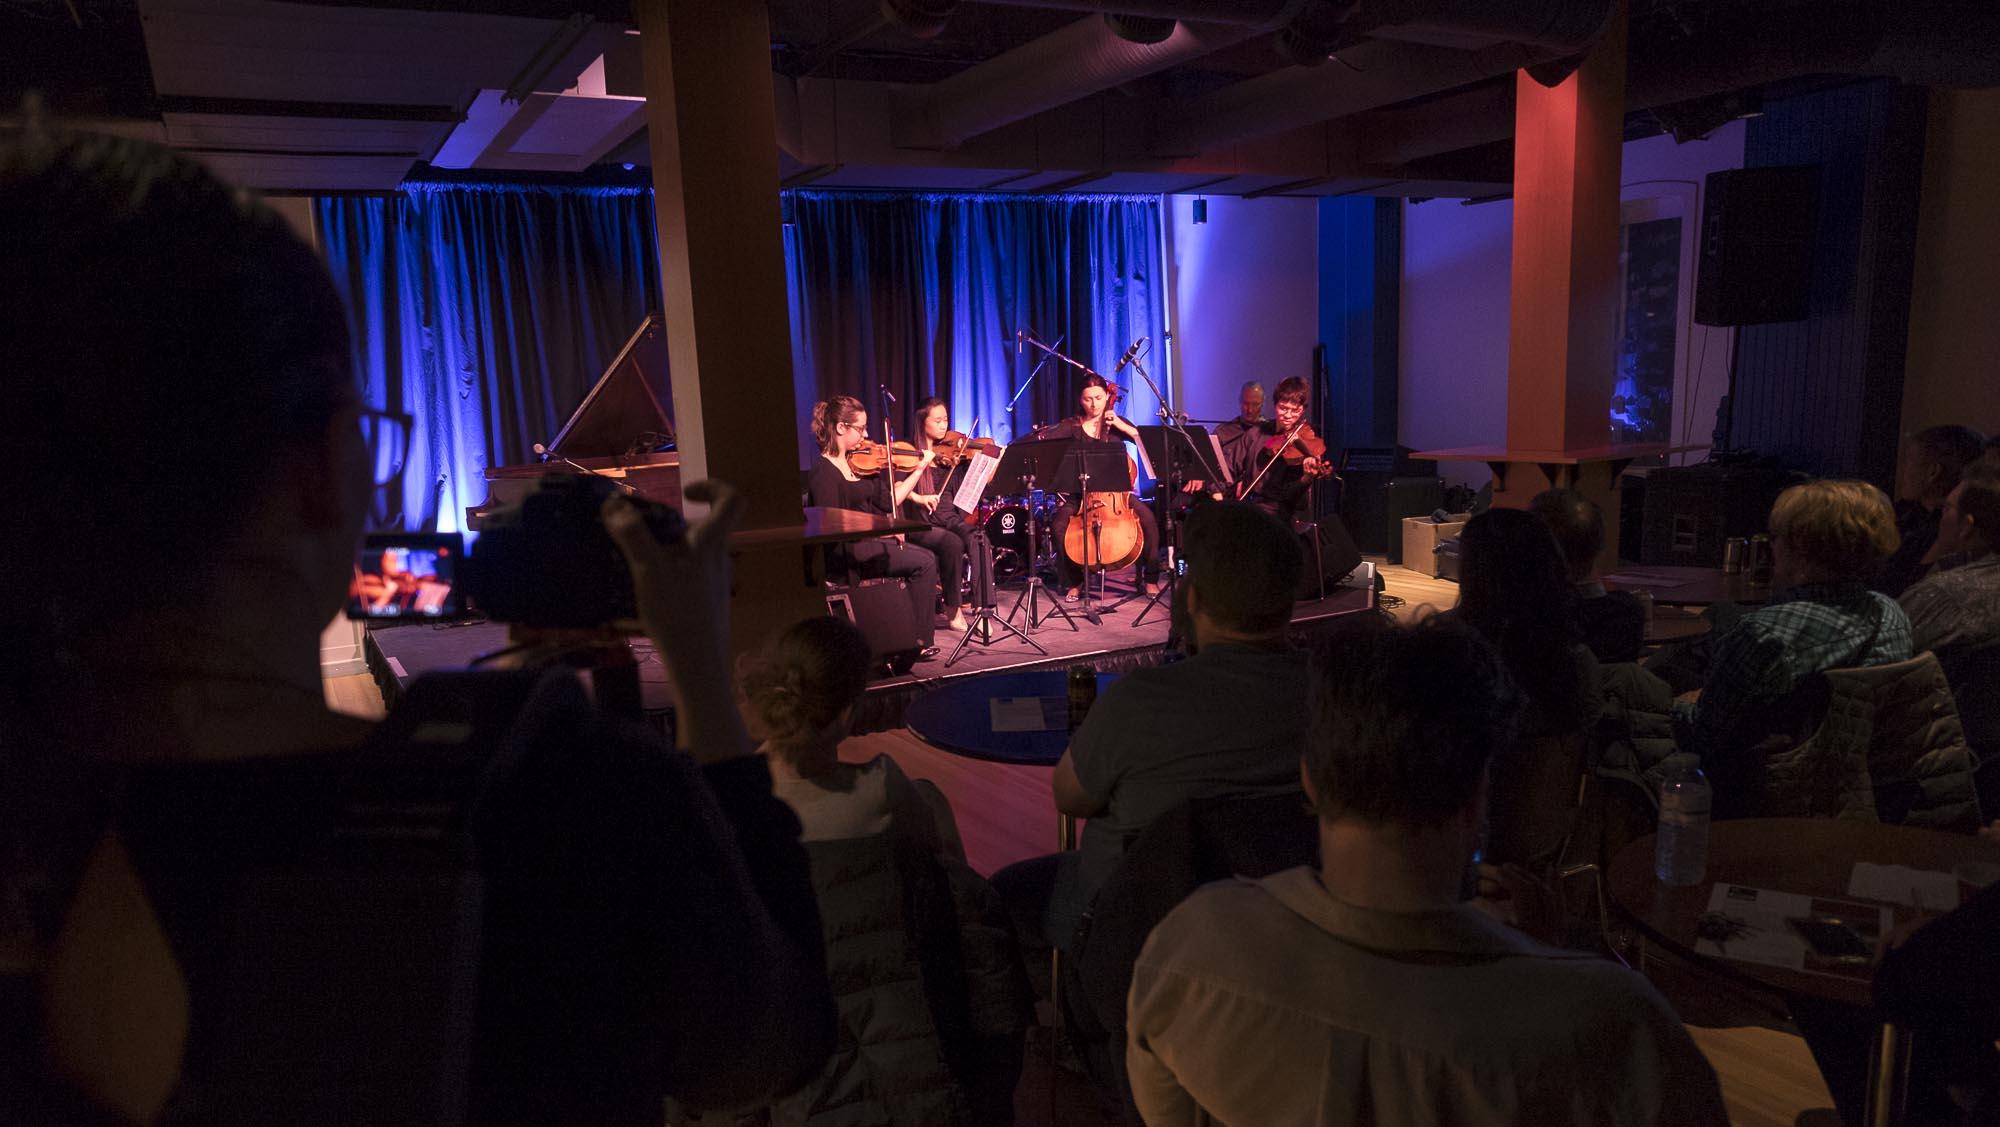 Calgary Launch Concert - string quartet DSCF4876.jpg